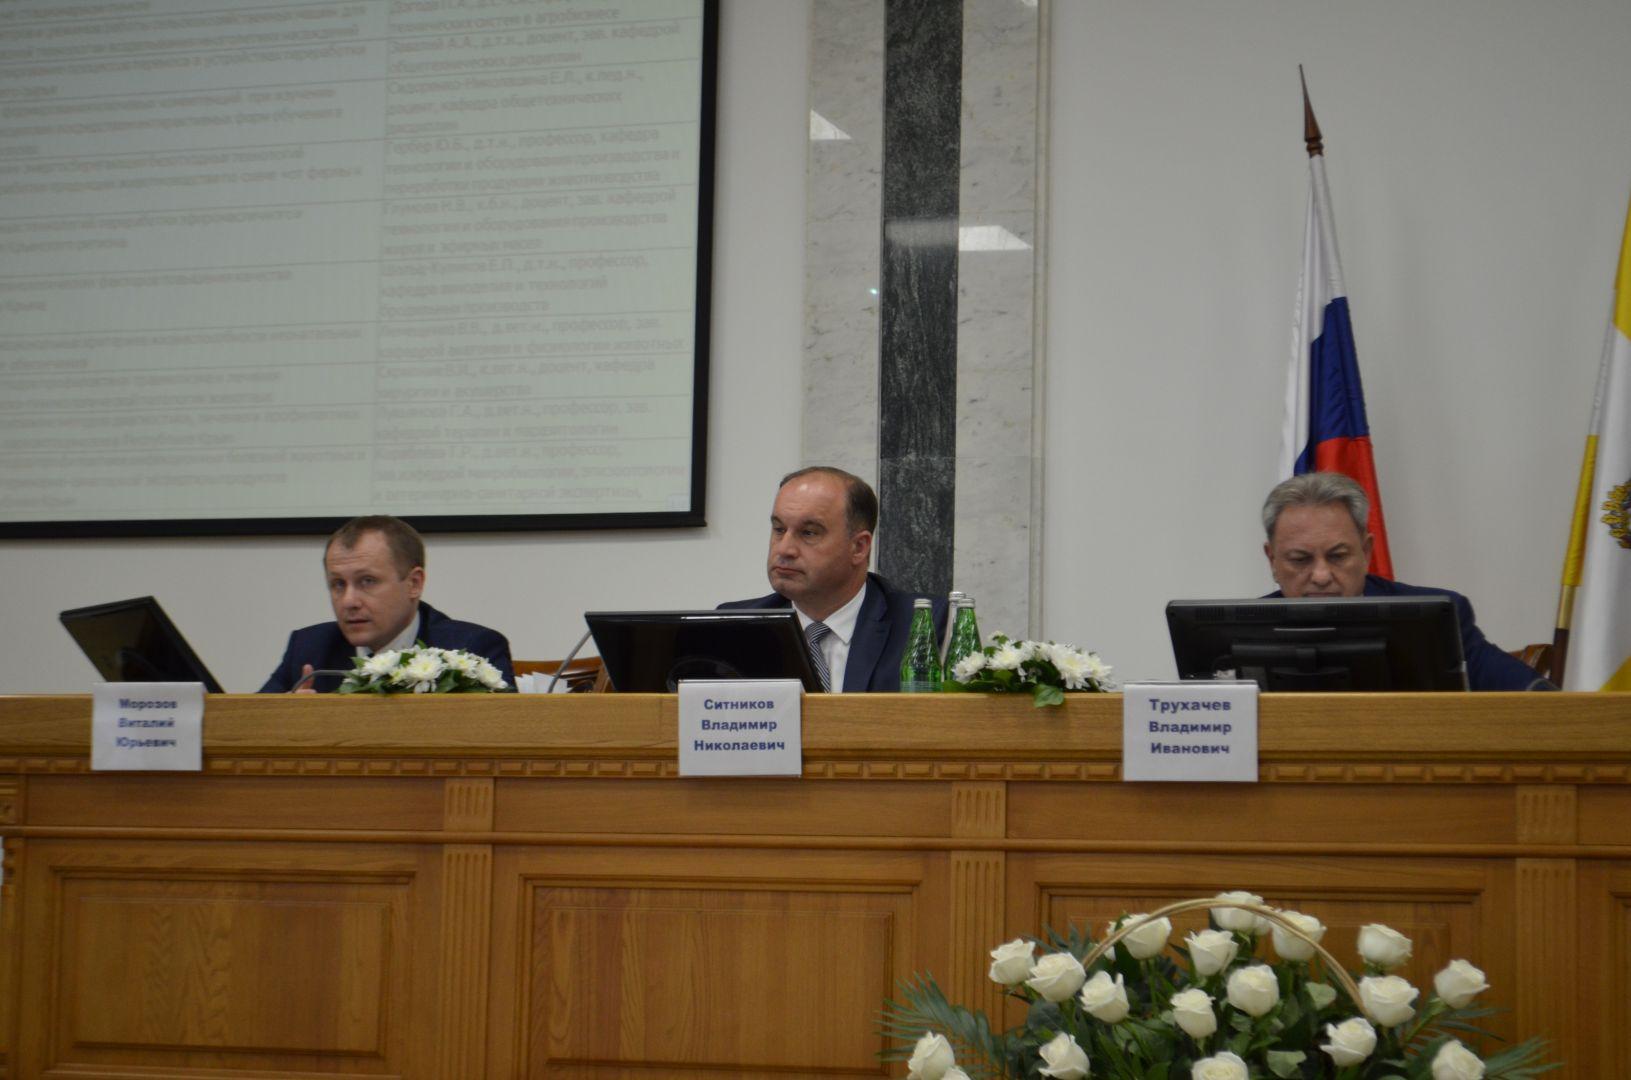 Ставропольский АПК получил 80 млн. руб. нанаучные разработки